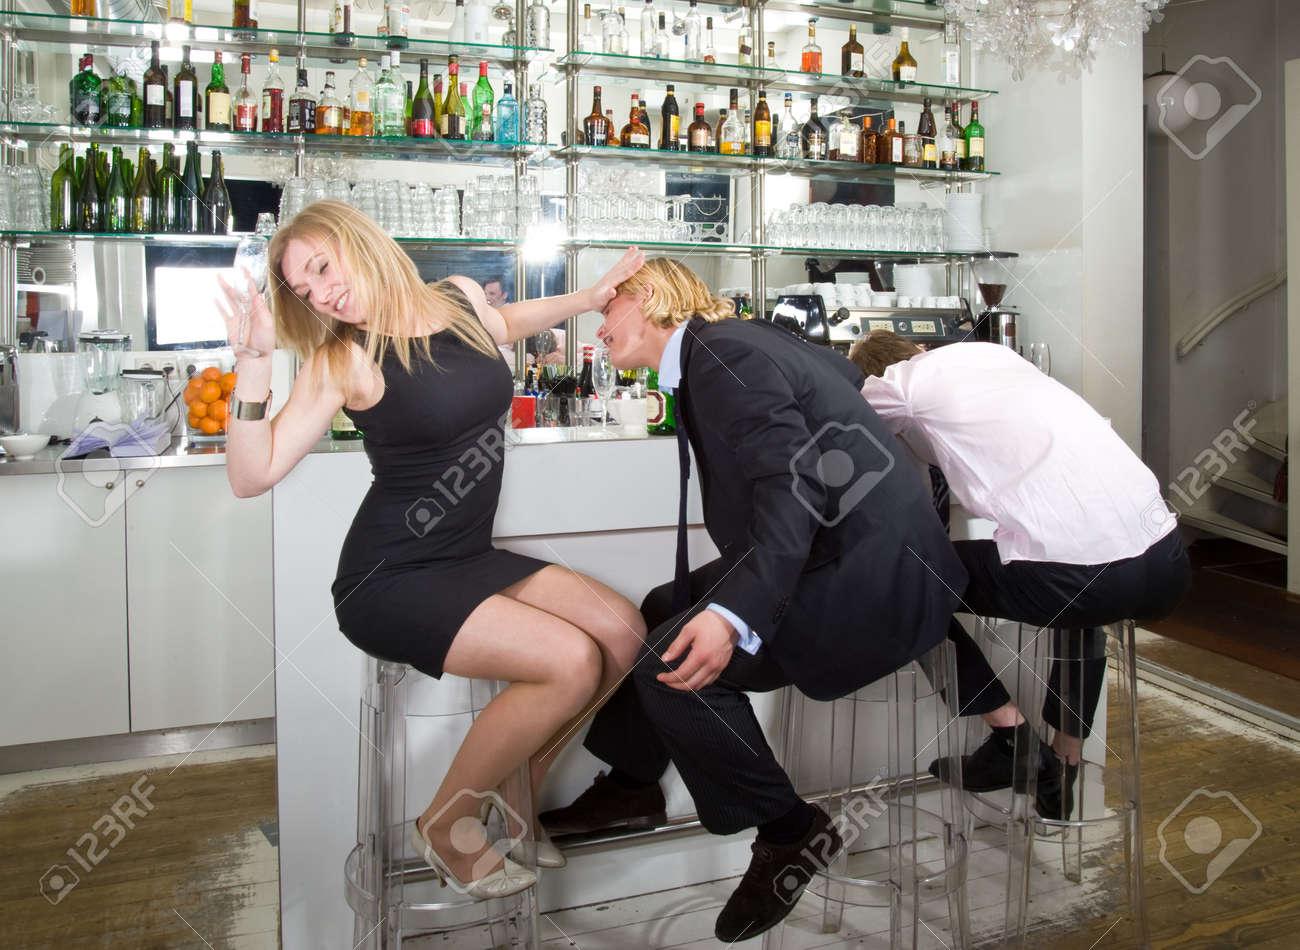 Фото пьяных девчонок в барах 25 фотография